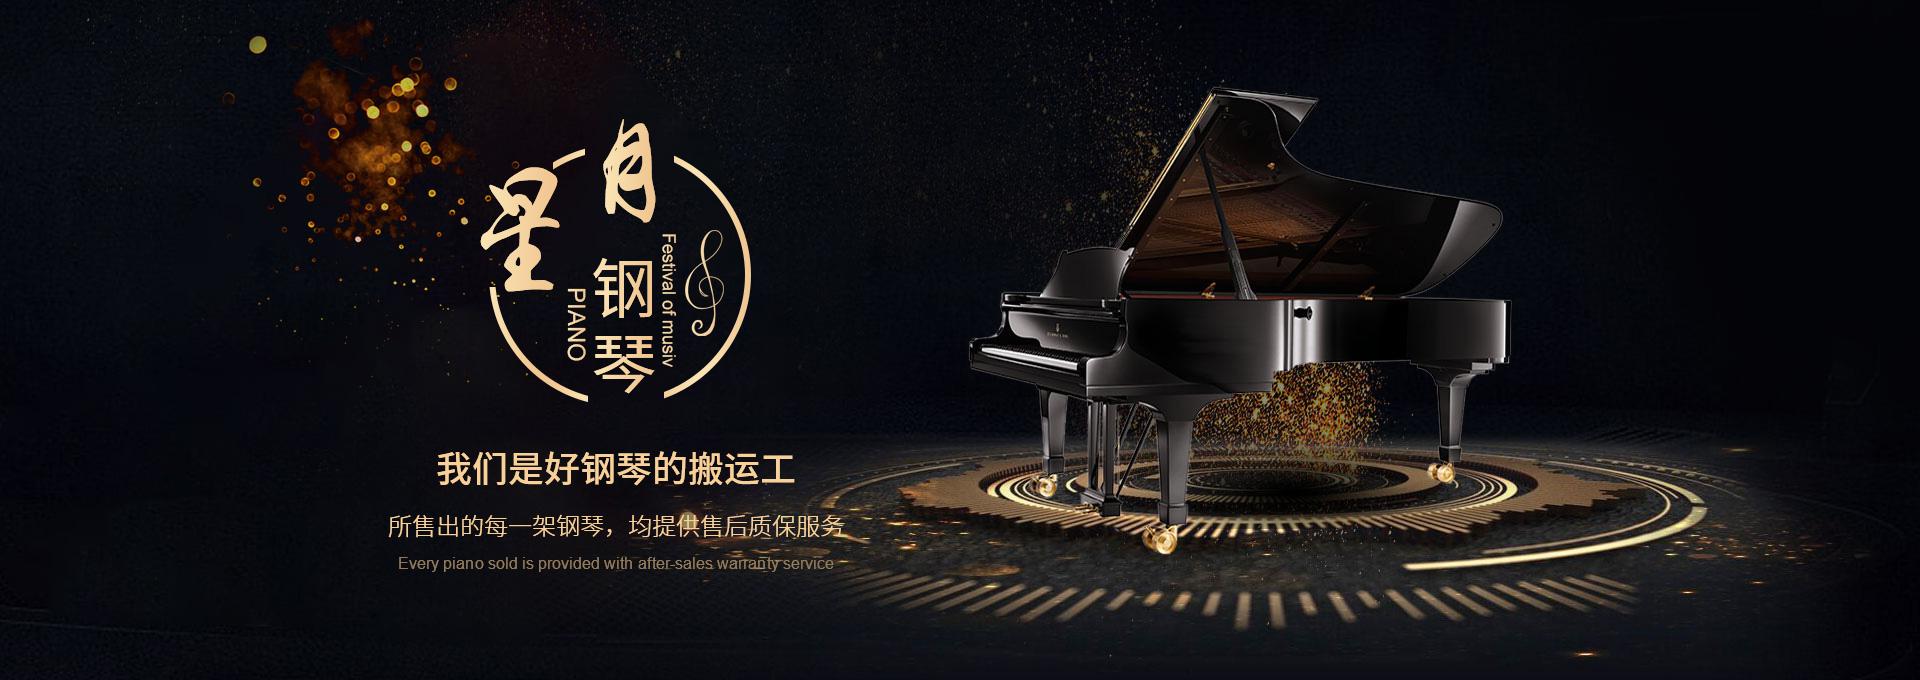 南阳钢琴知识